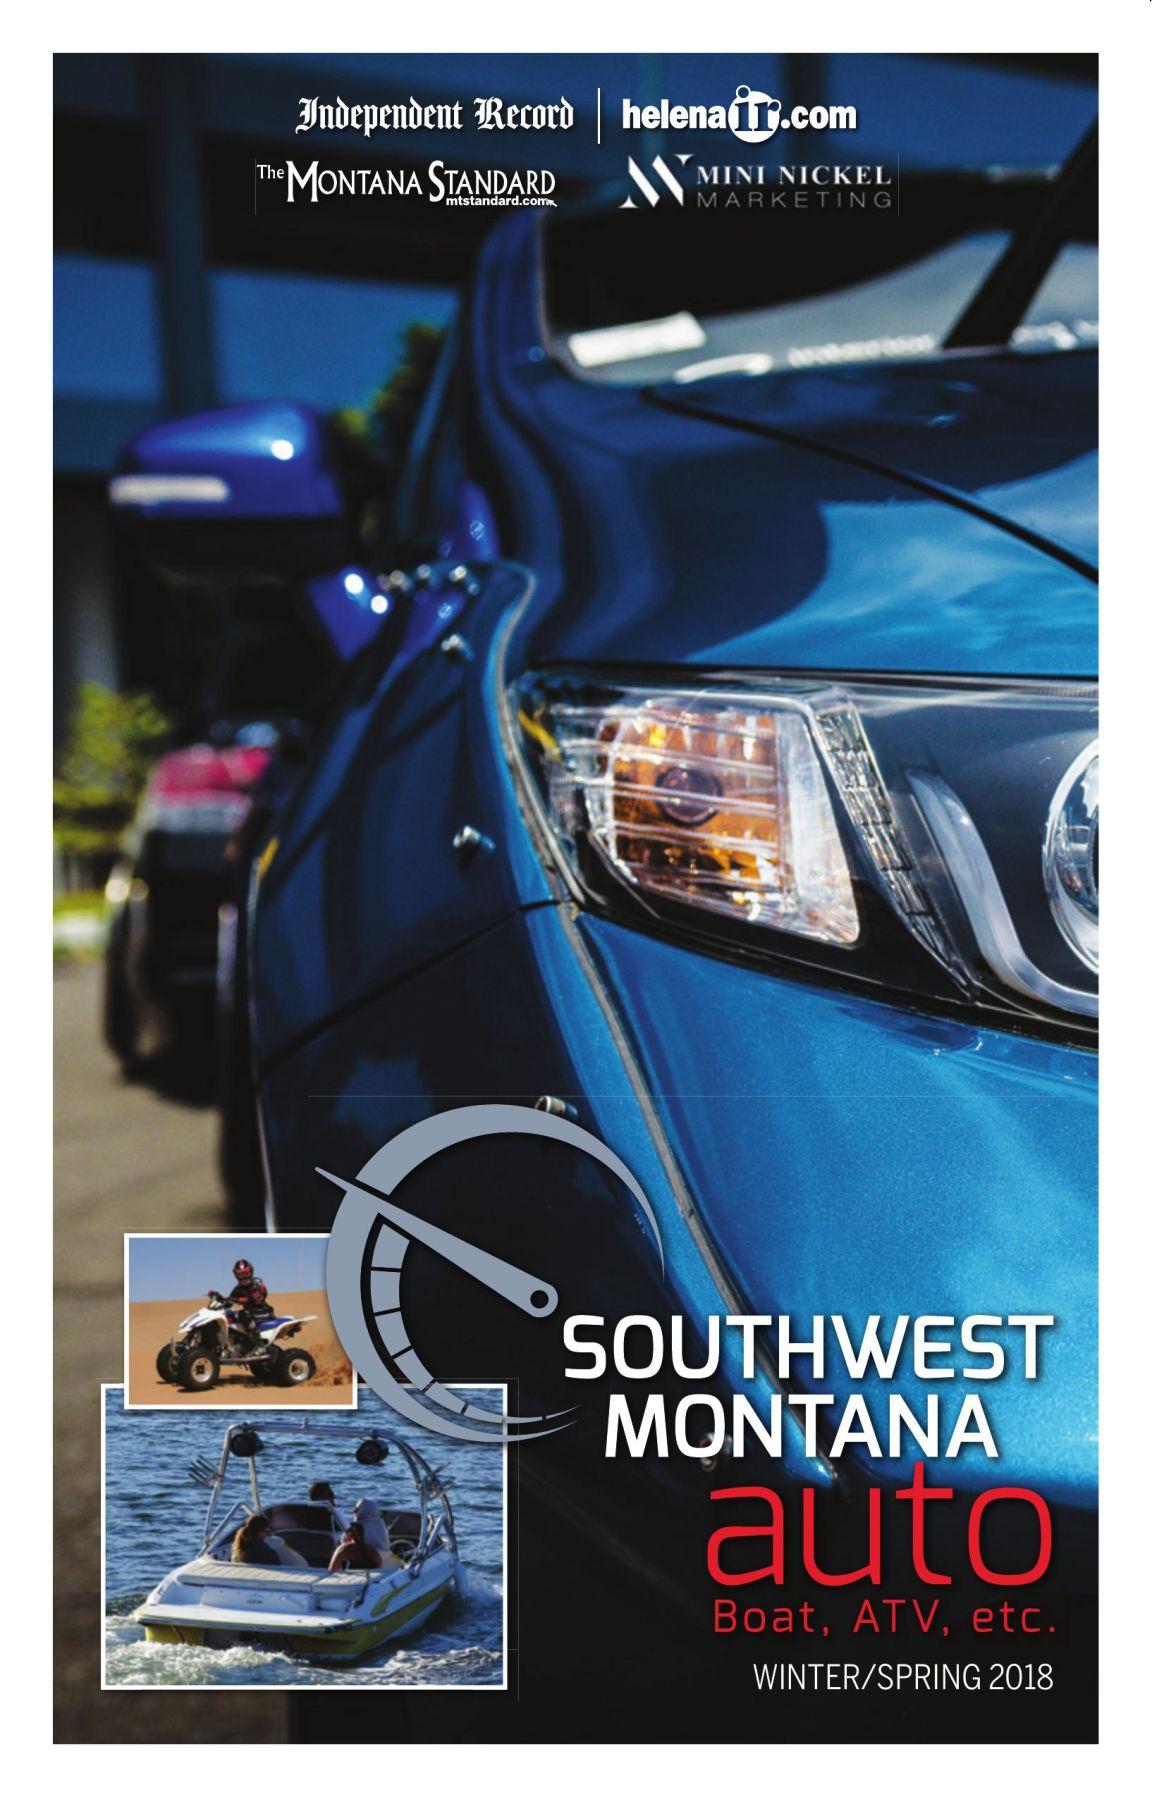 Southwest Montana Auto Guide - Winter/Spring 2018